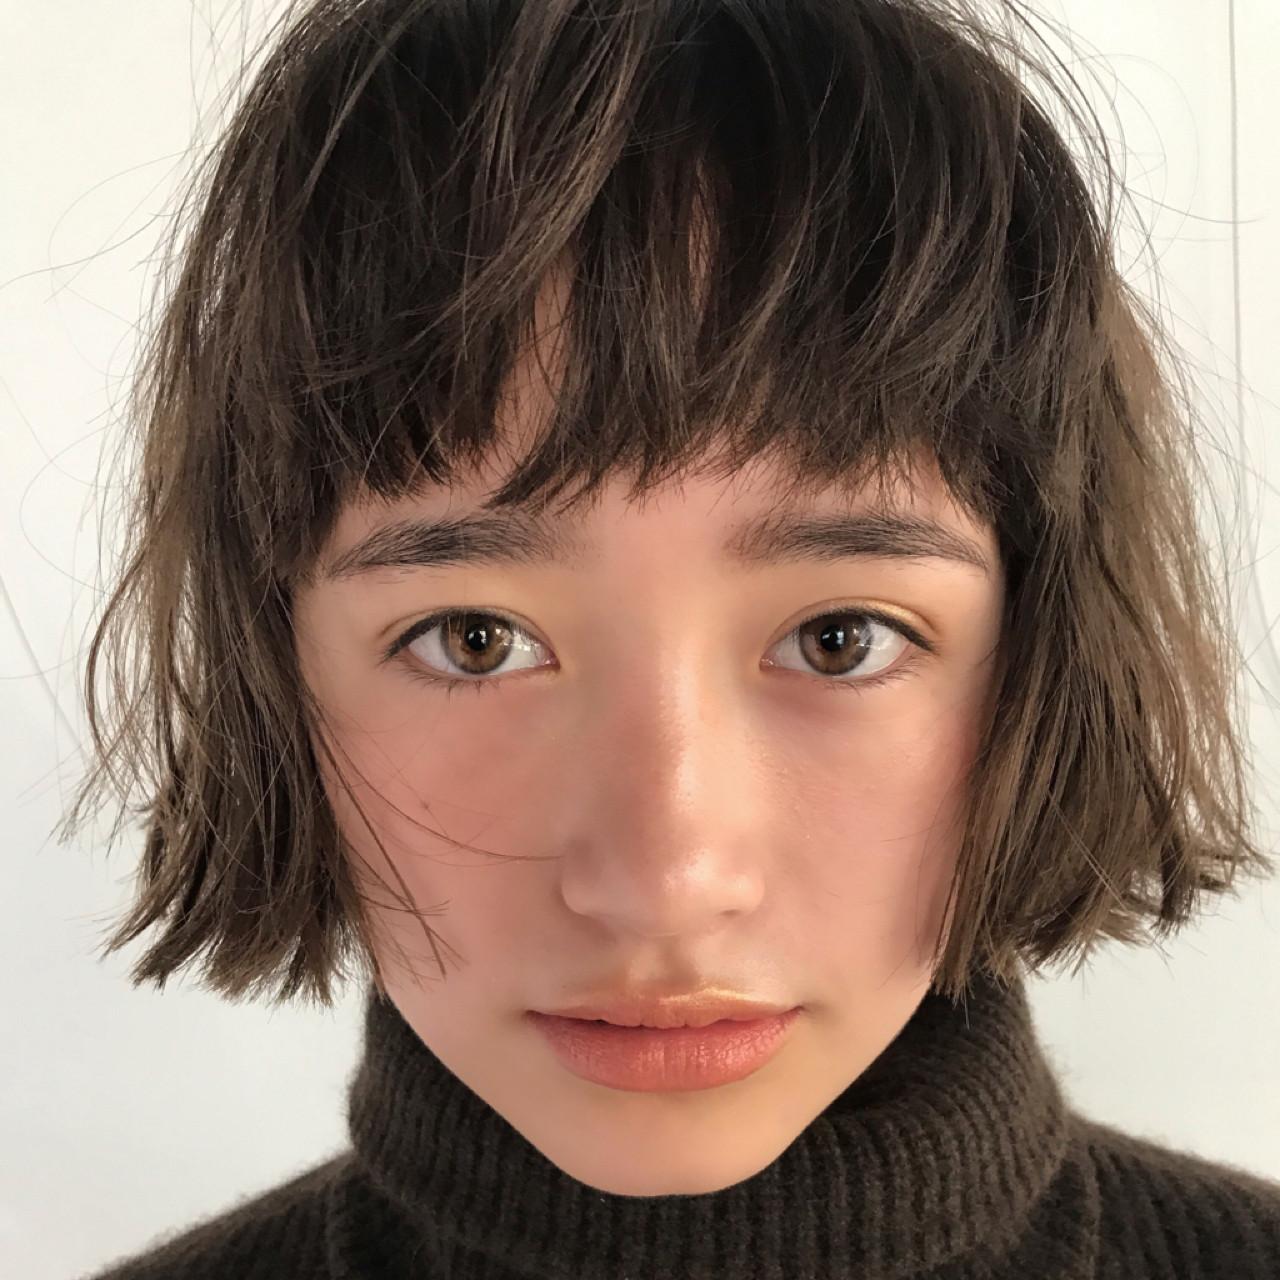 ボブ グレージュ アンニュイほつれヘア ショートヘアスタイルや髪型の写真・画像